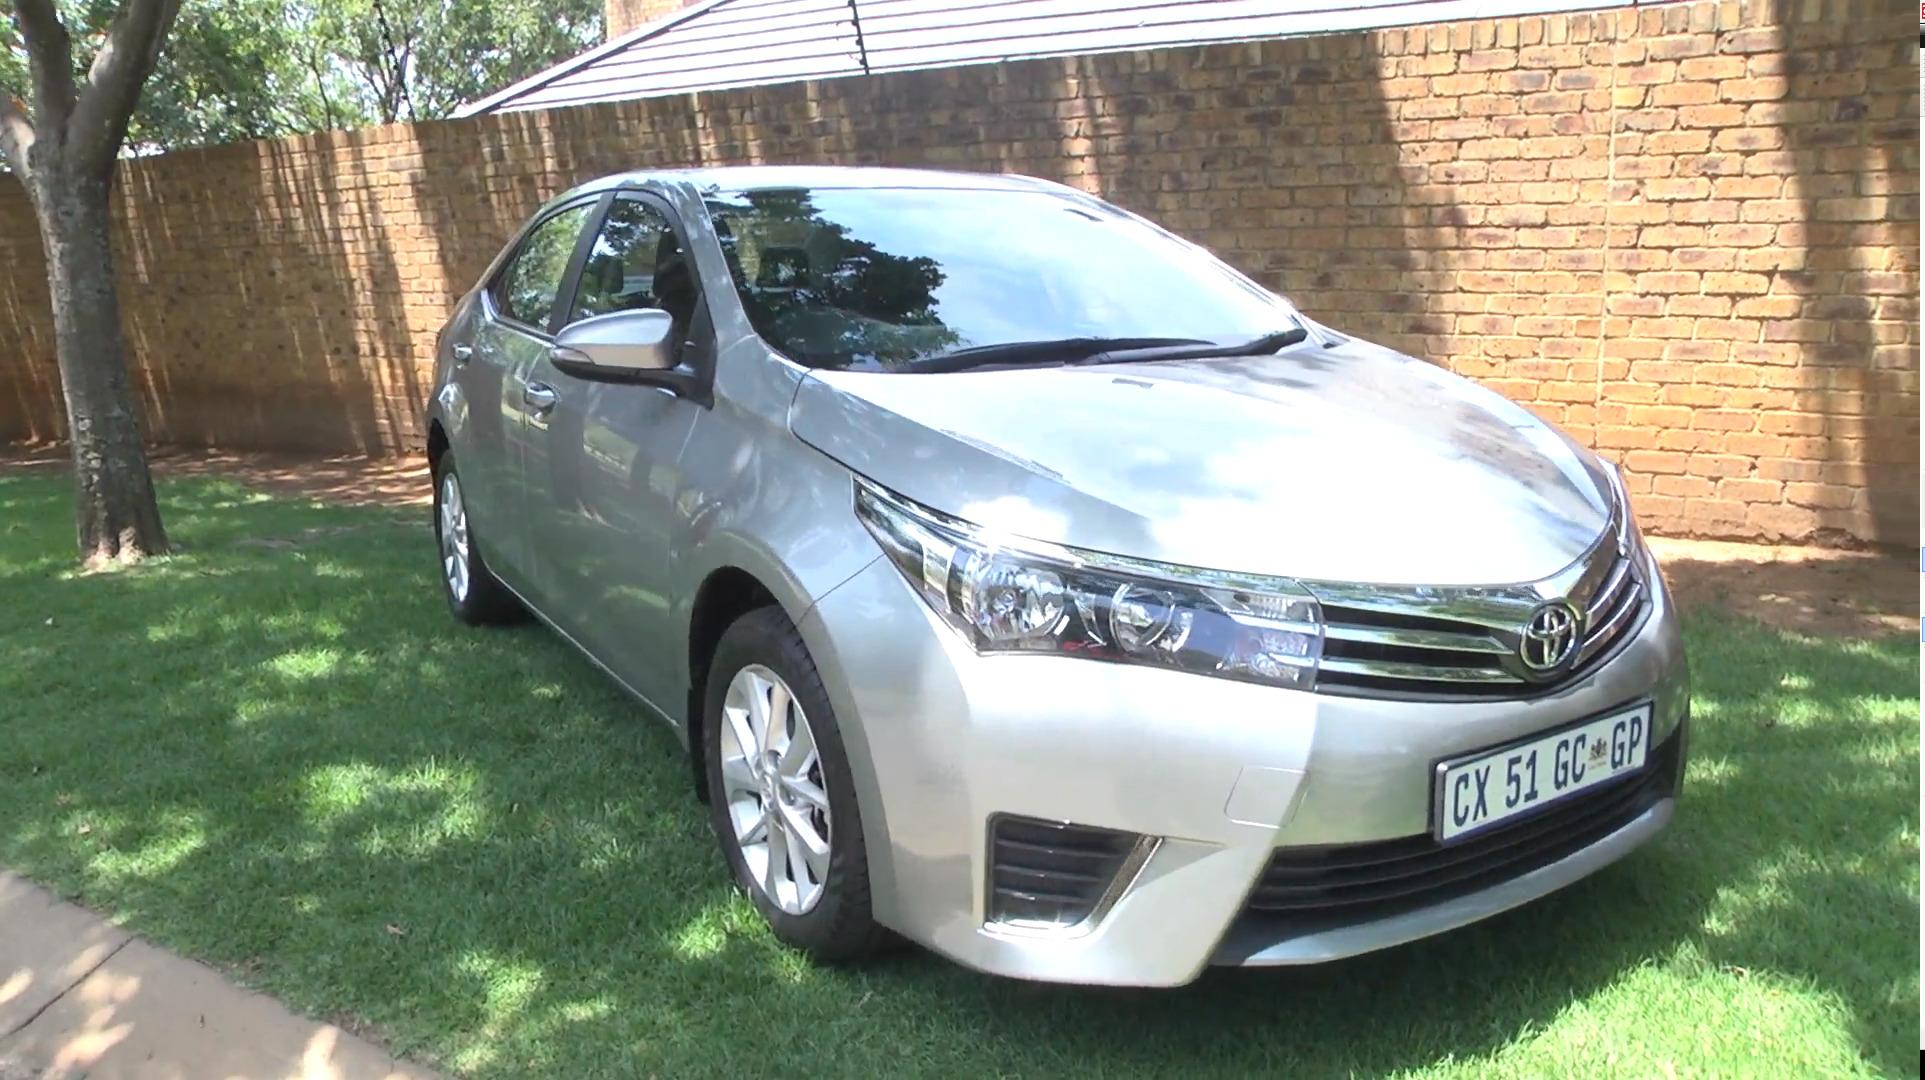 Totoya Corolla 1.4 D-4D Prestige : New Car Review